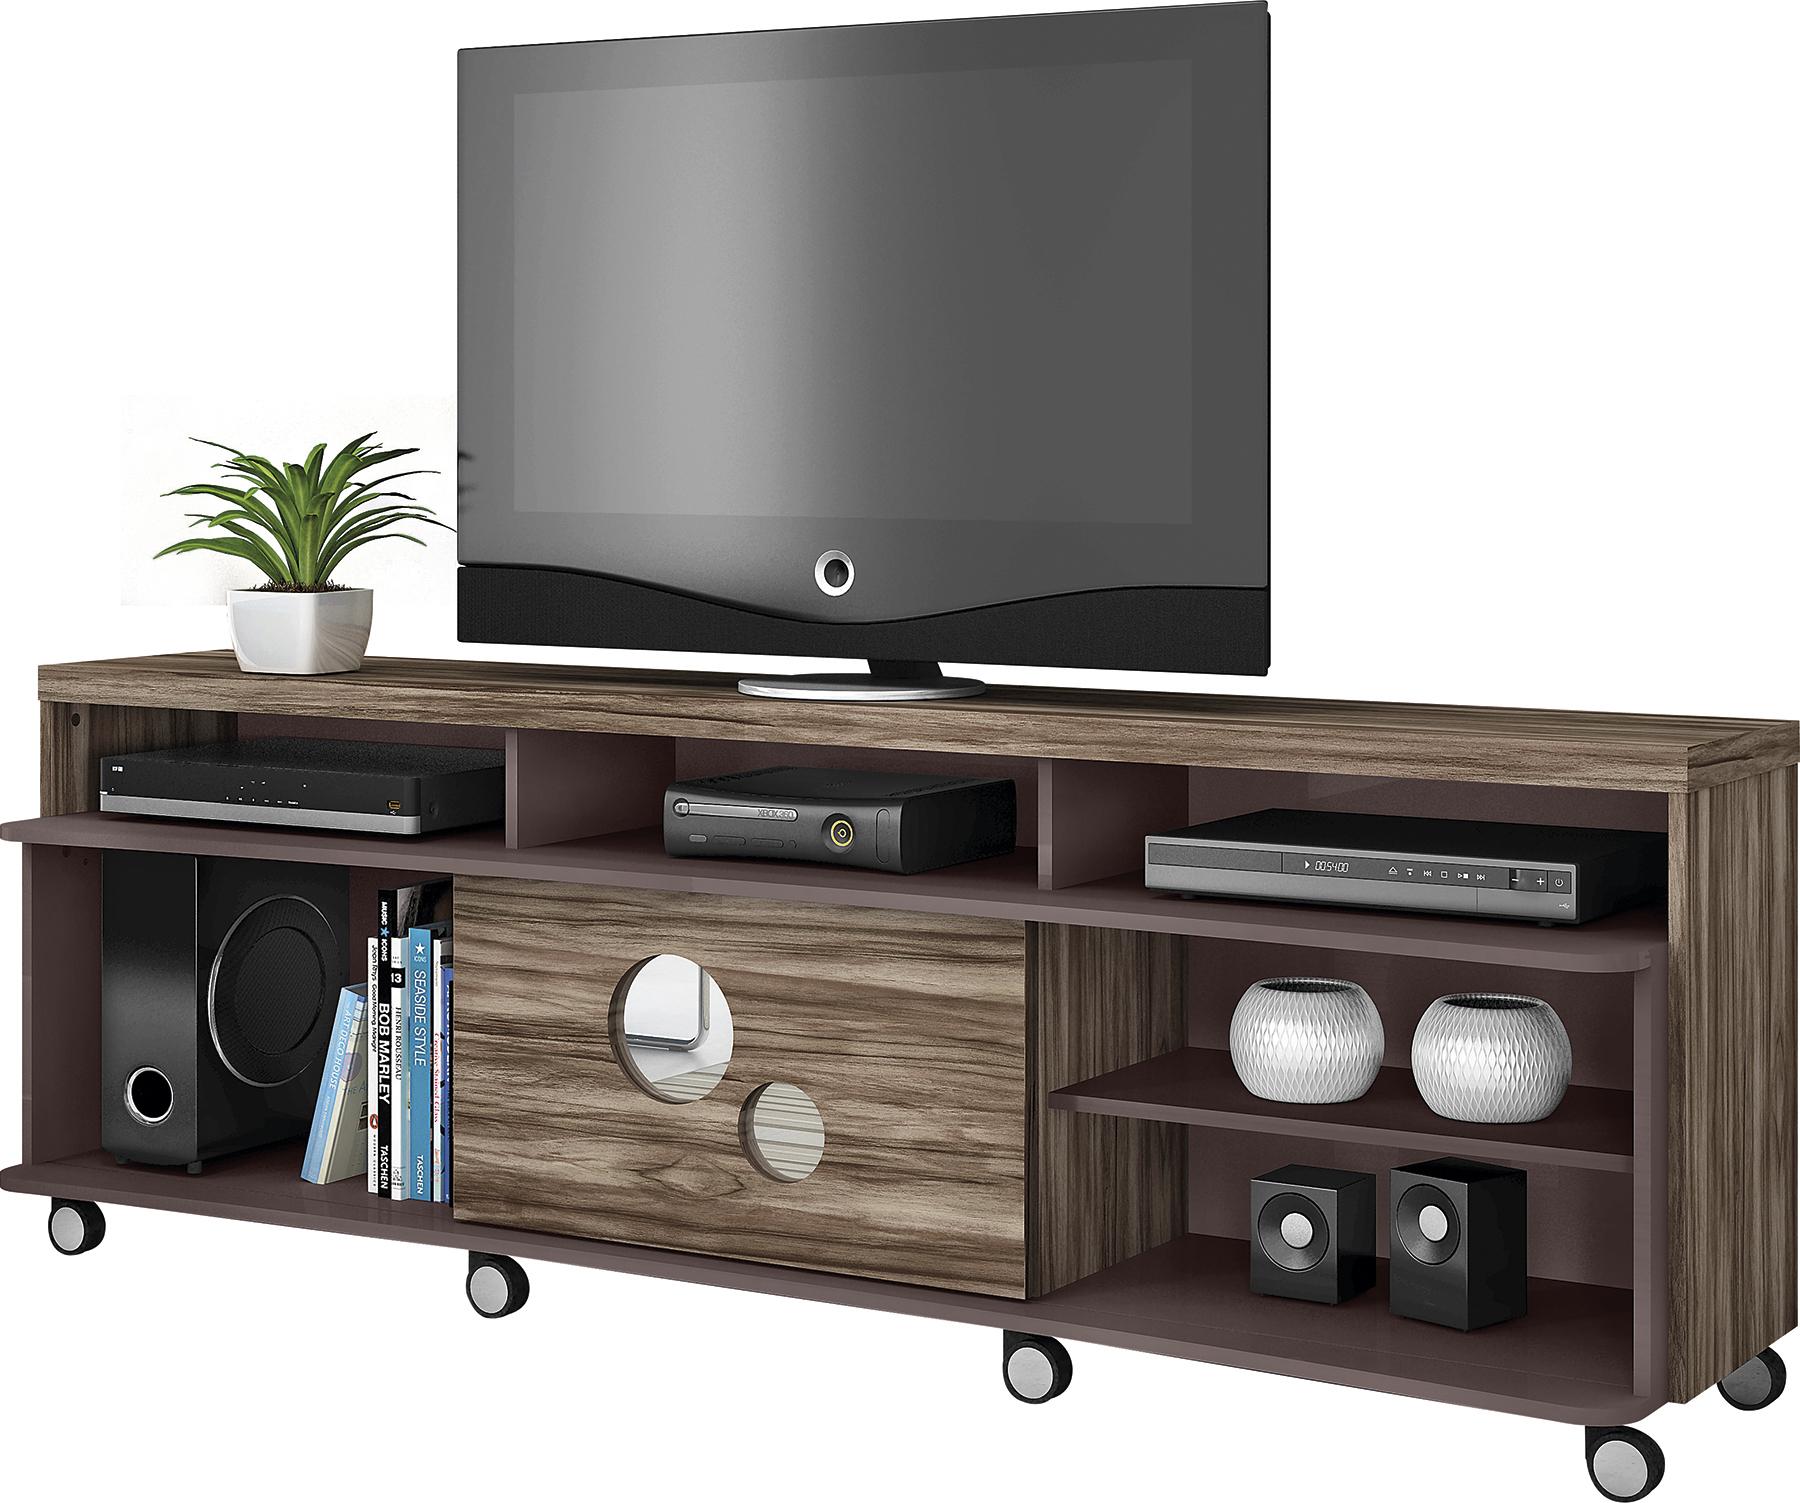 Muebles equipo de sonido obtenga ideas dise o de muebles for Mueble equipo hifi